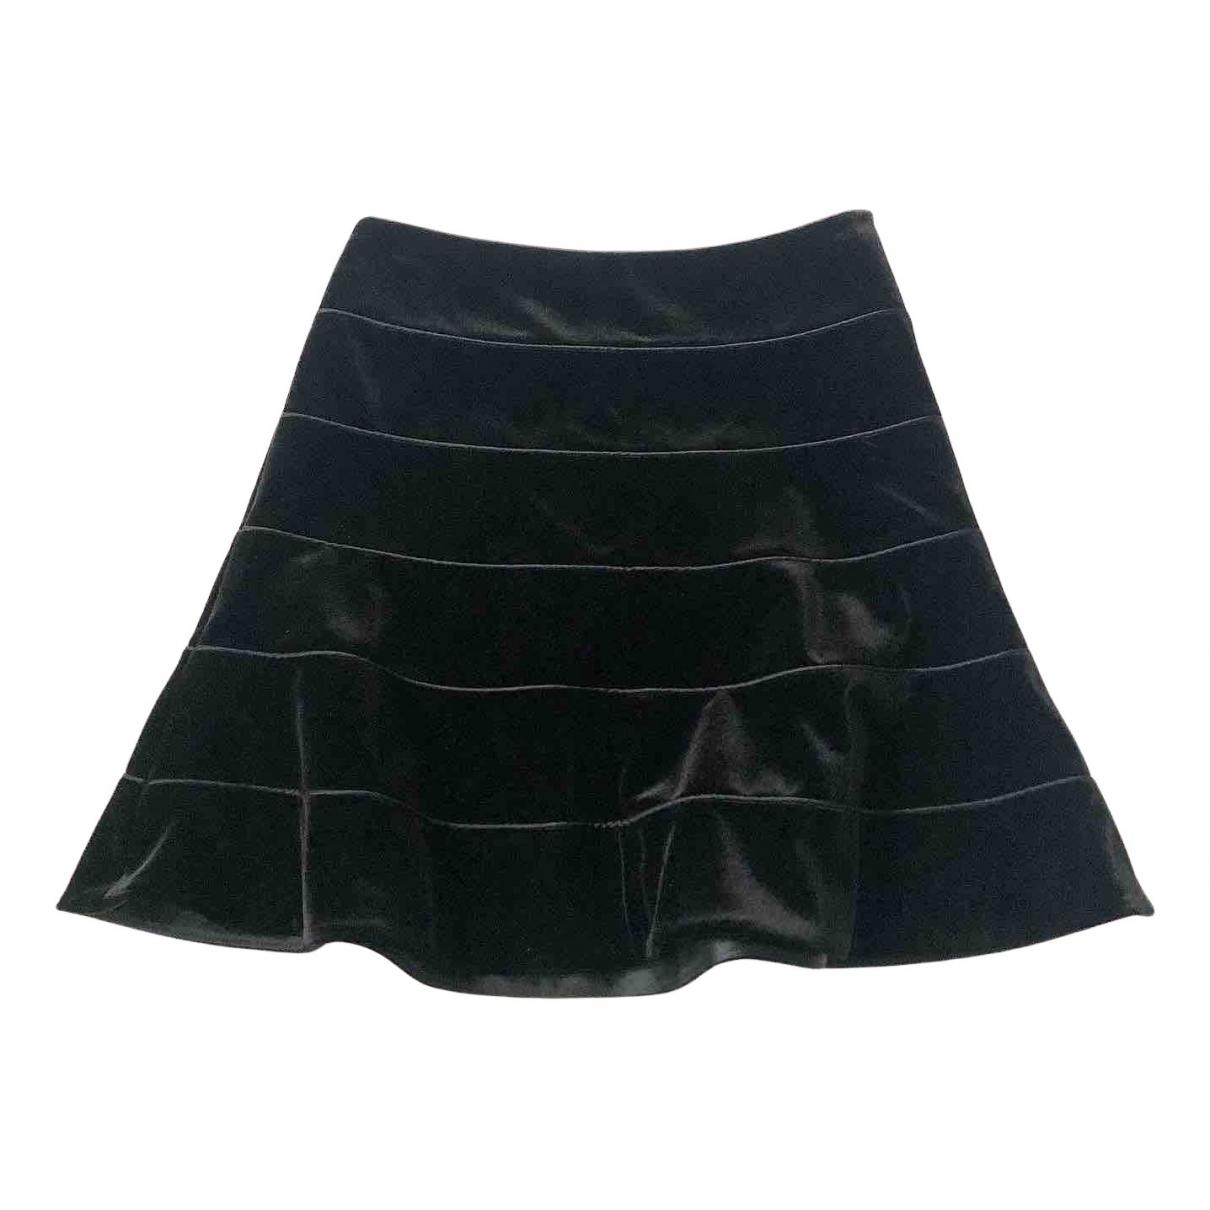 Giorgio Armani - Jupe   pour femme en velours - noir